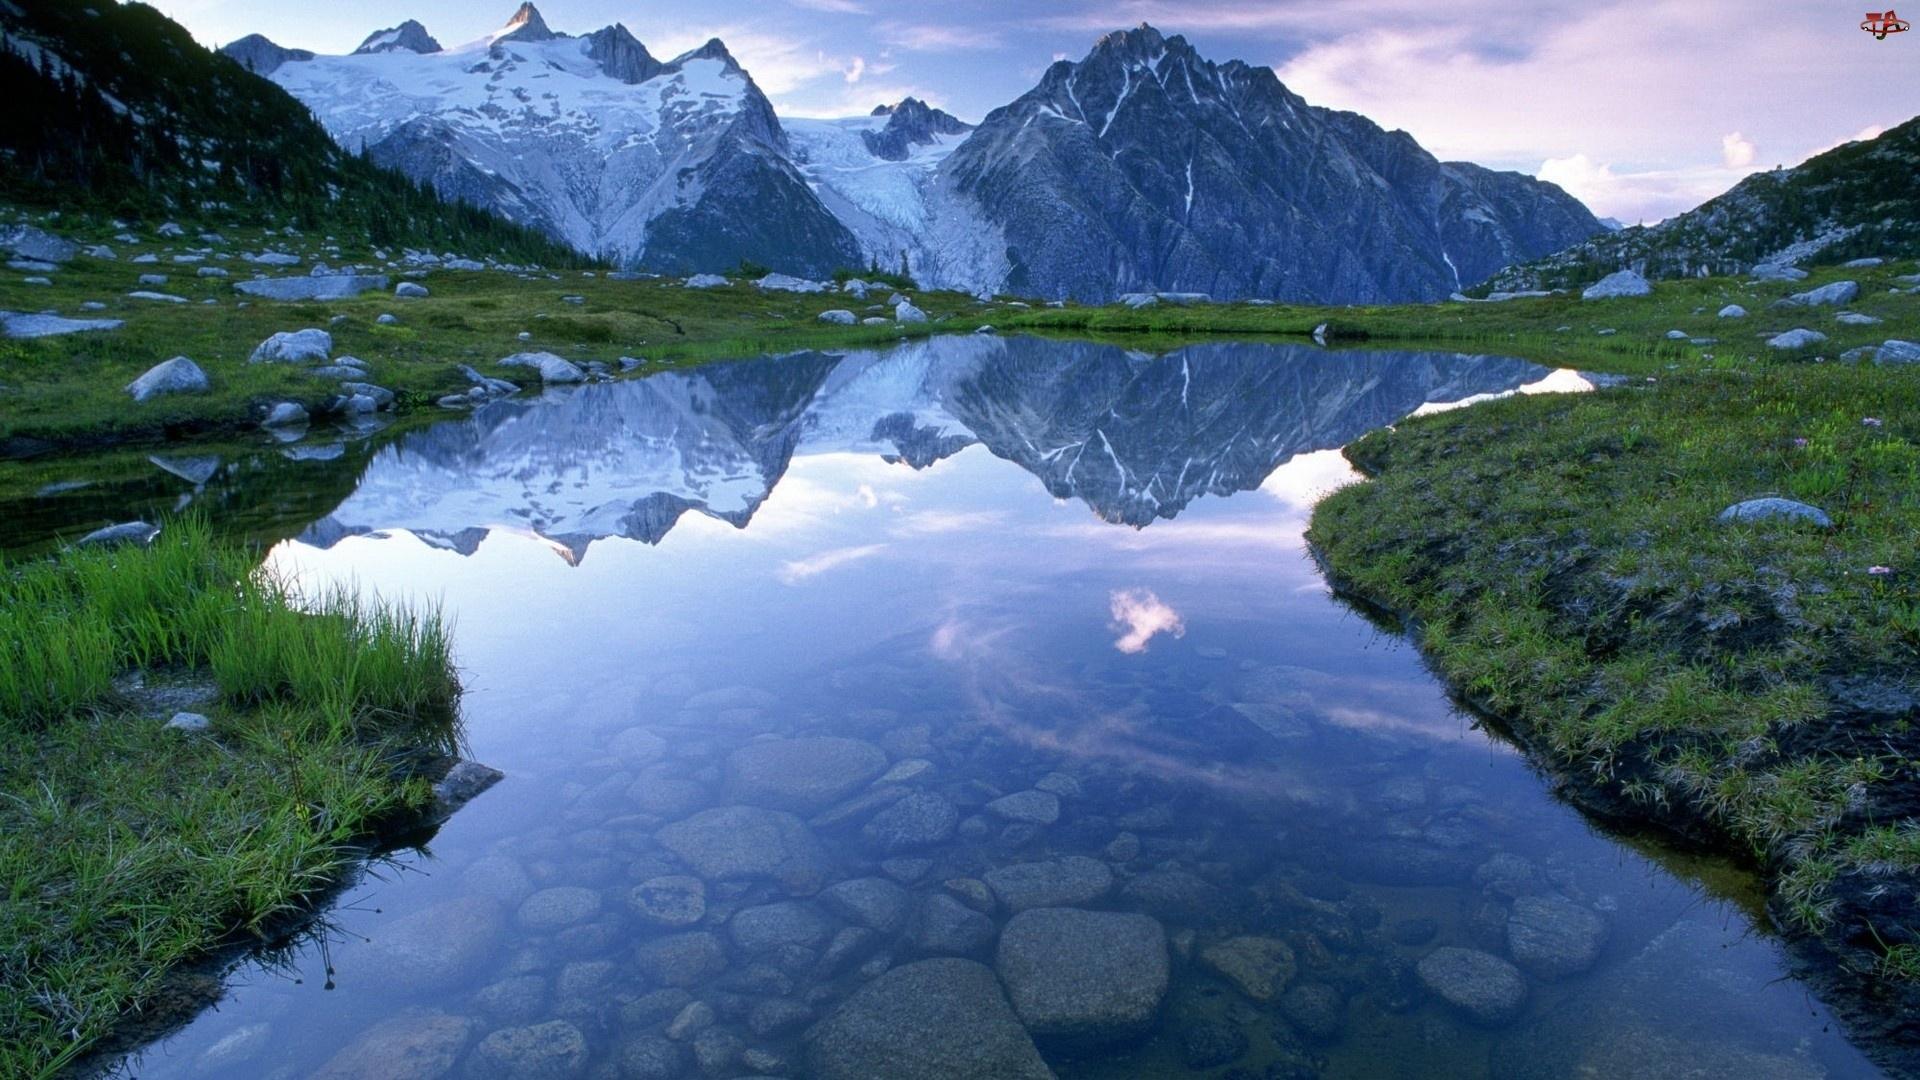 Europa, Rzeka, Alpy